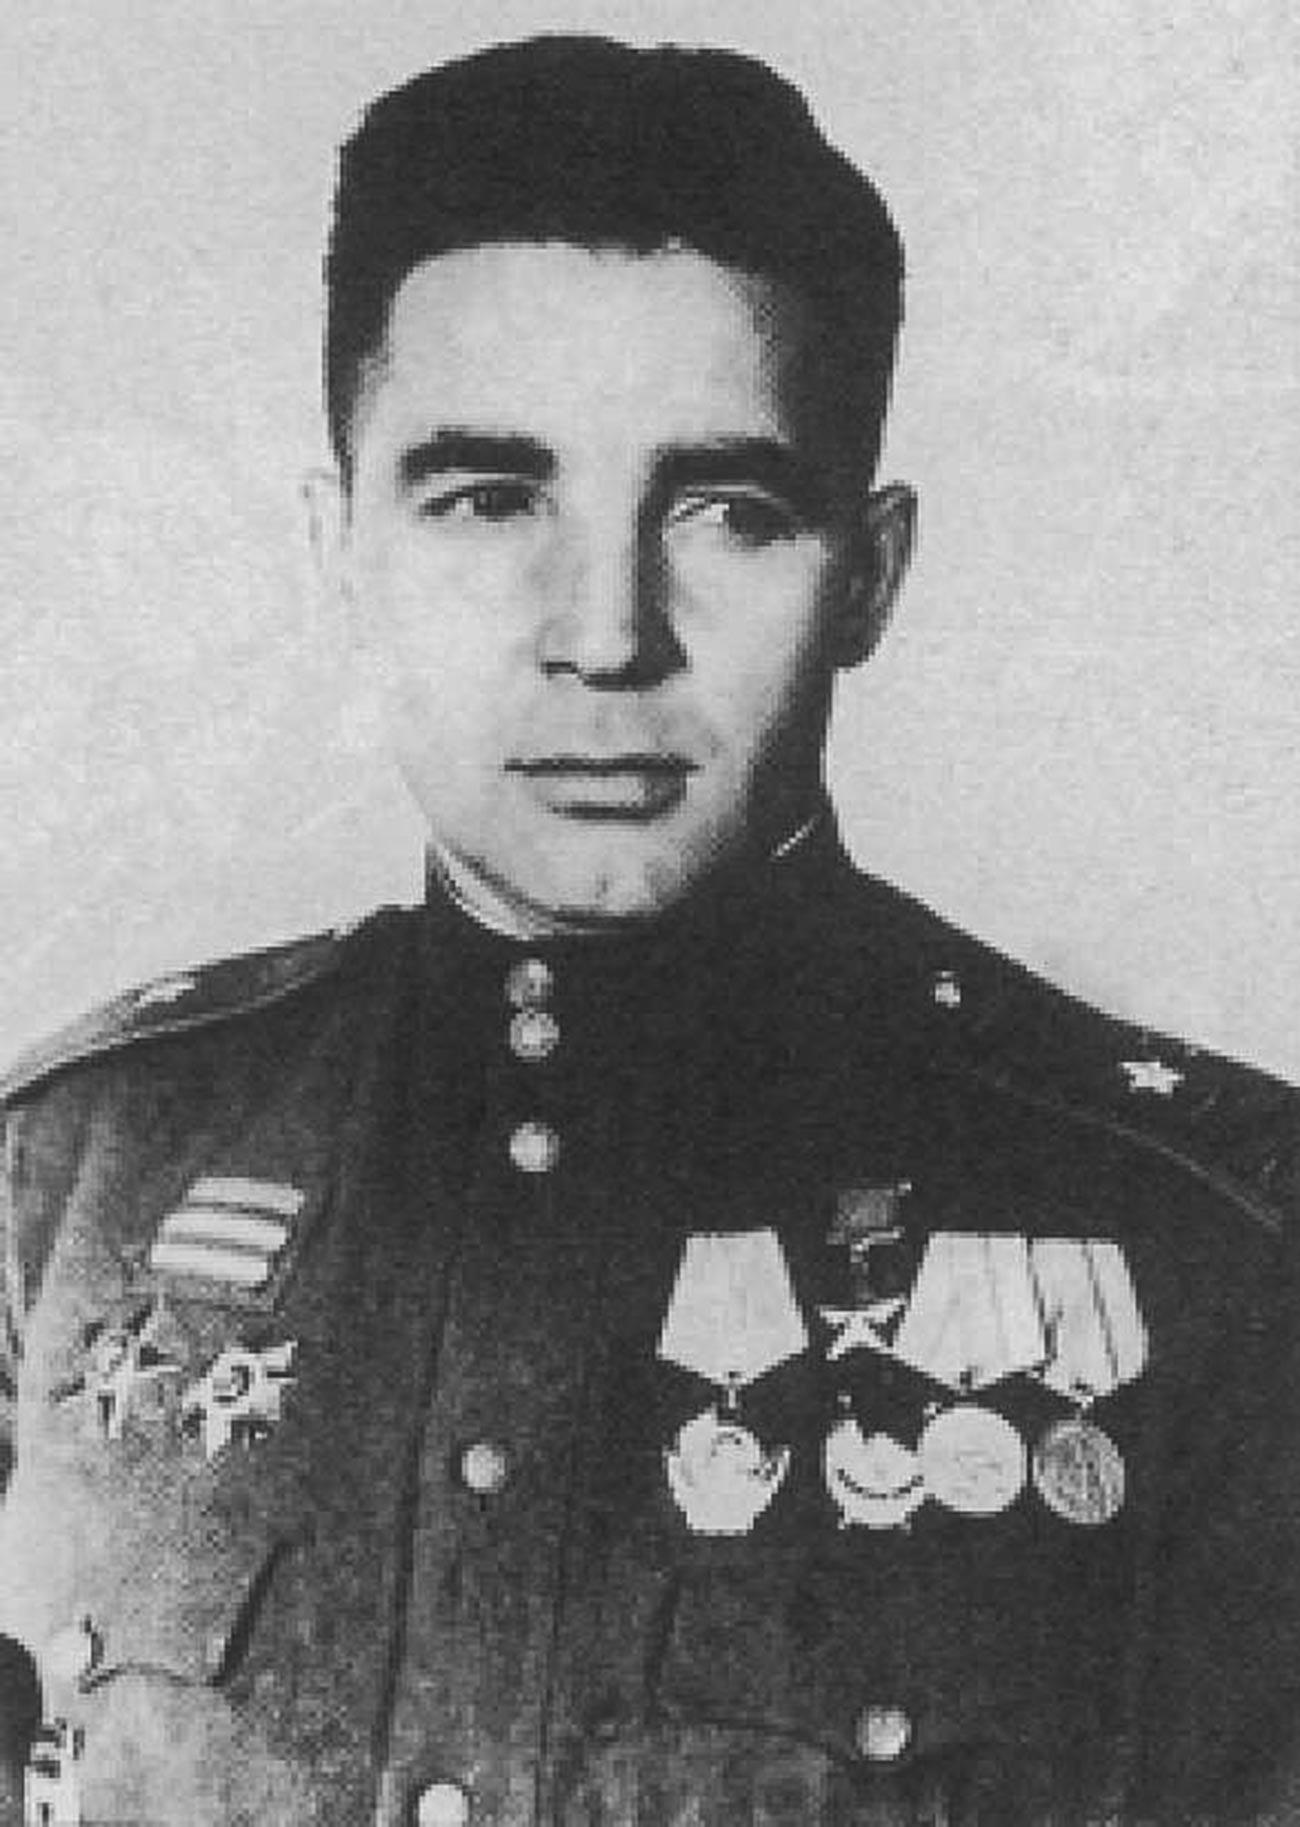 Командир 49-й гвардейской стрелковой дивизии гвардии генерал-майор В. Ф. Маргелов.